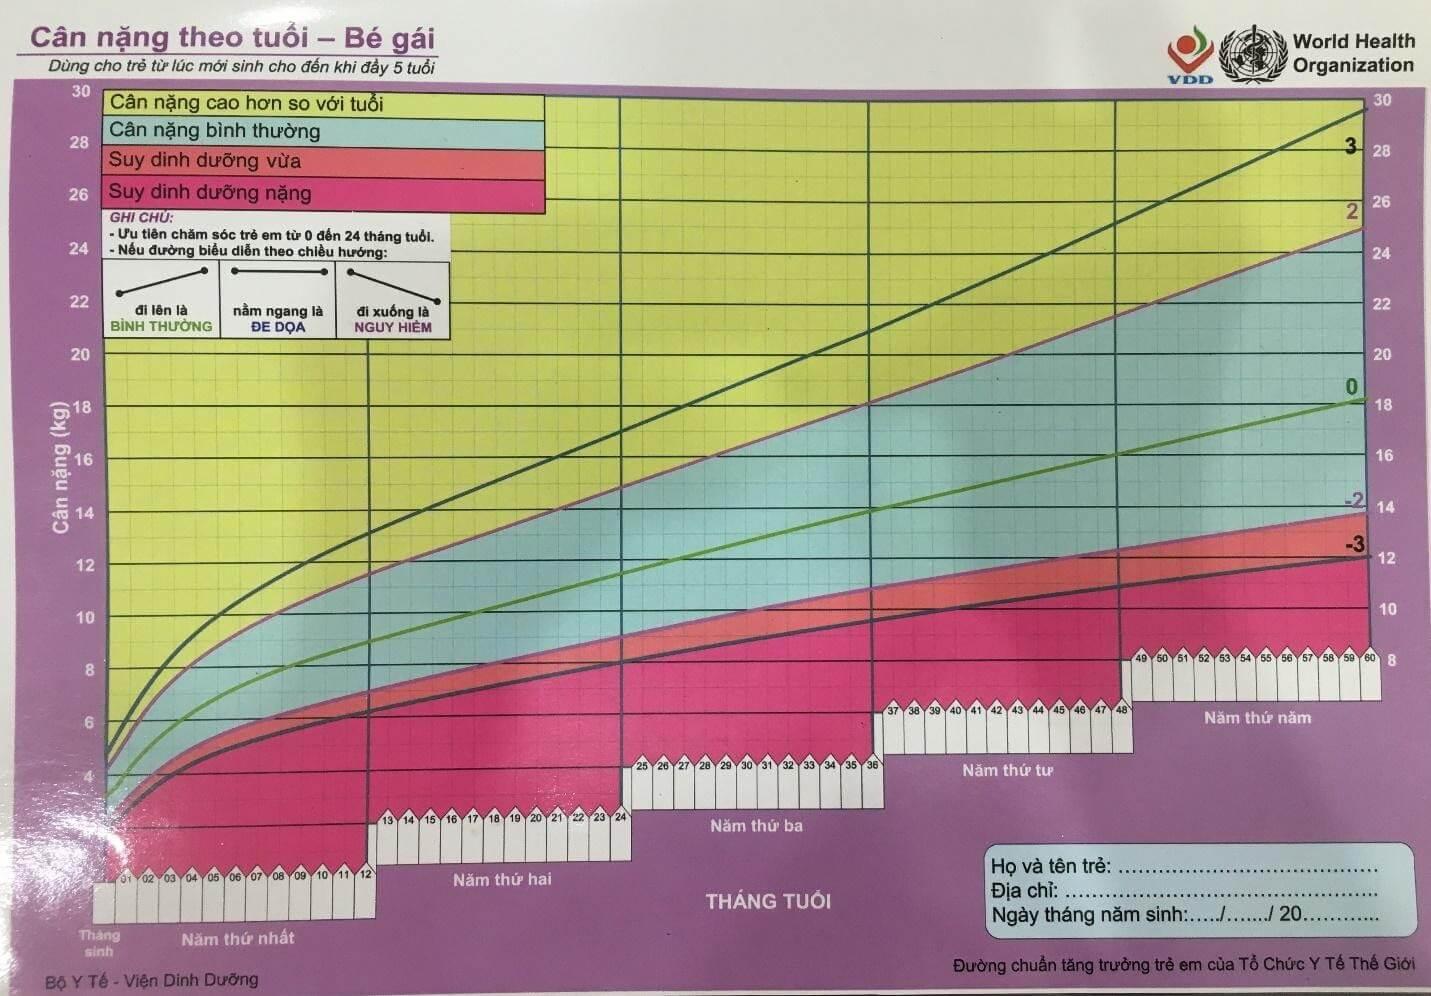 Bảng đánh giá cân nặng theo tuổi ở trẻ gái